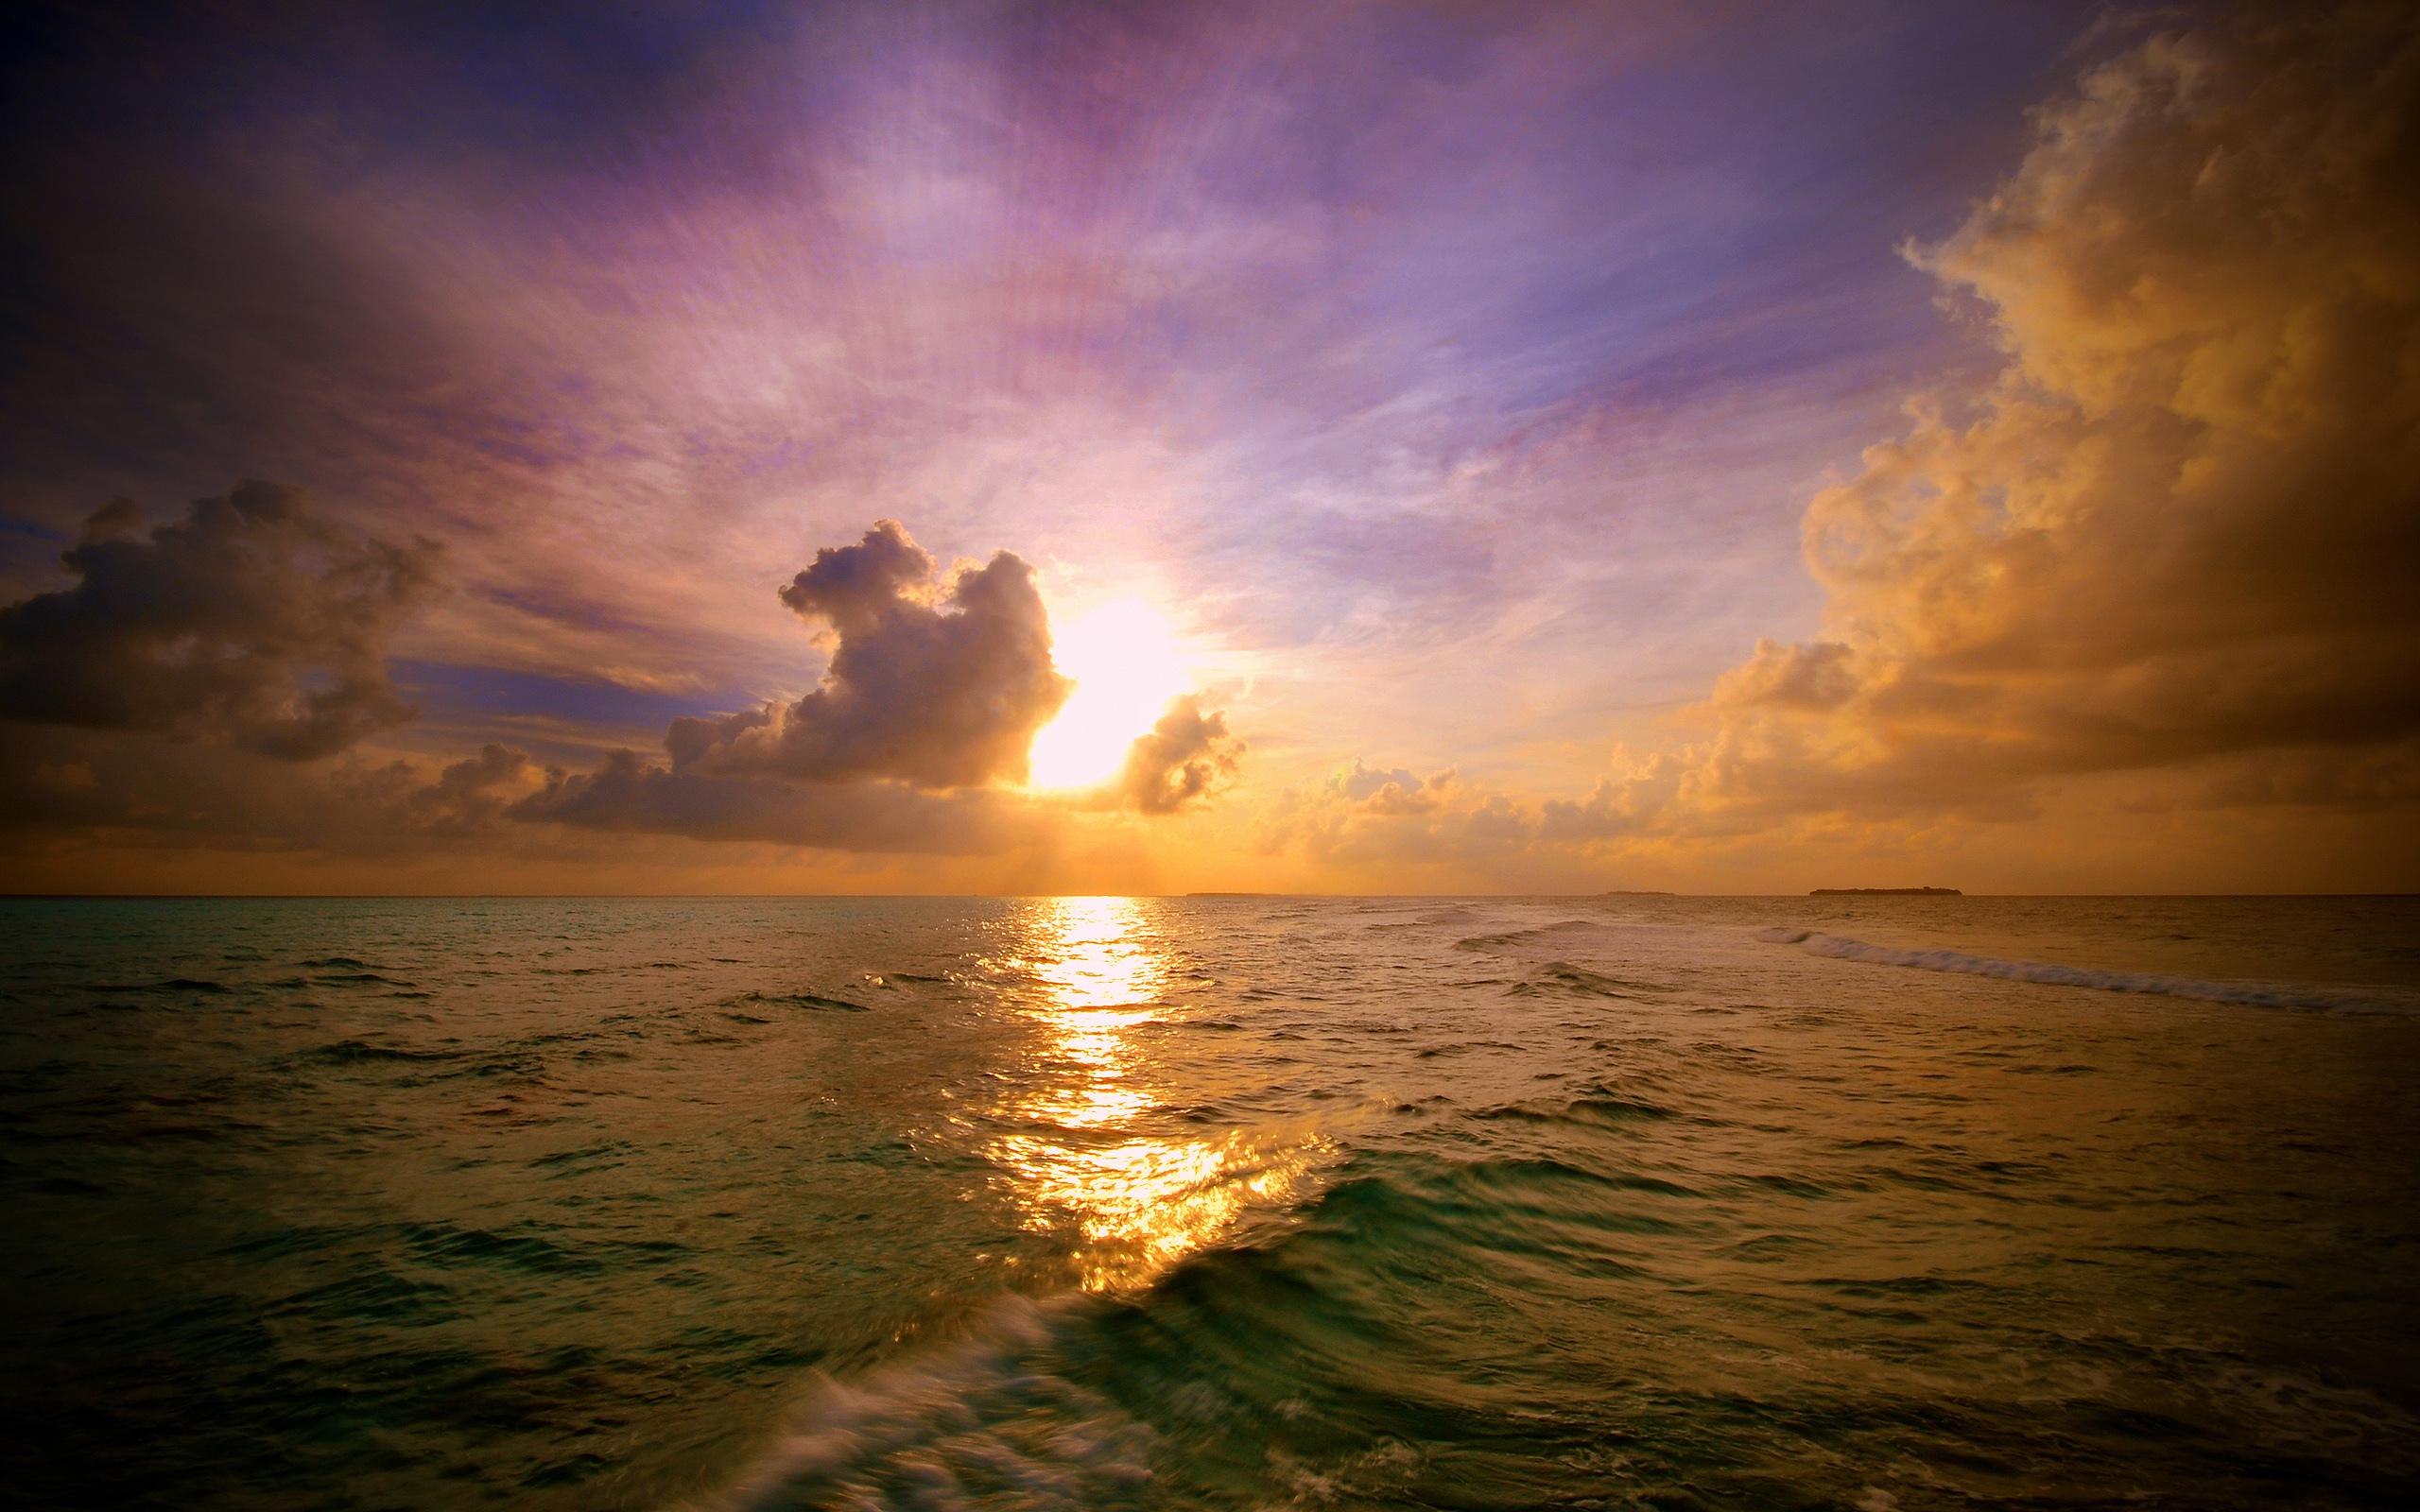 природа море берег небо горизонт  № 3776982 бесплатно